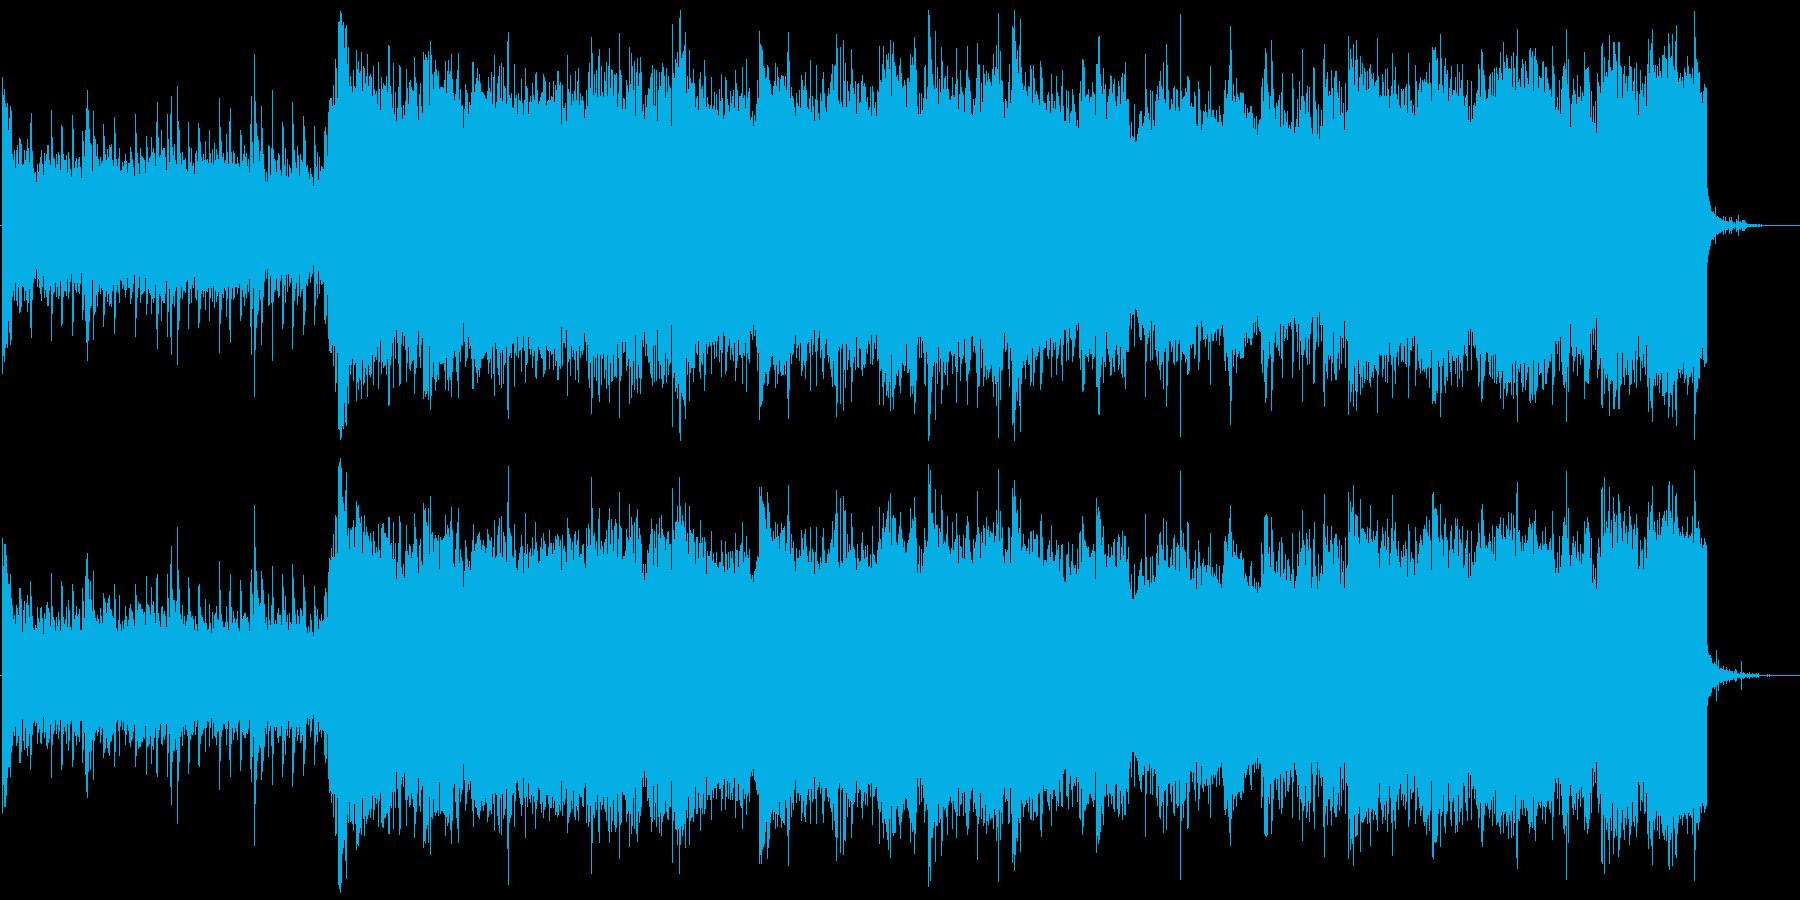 古き良き時代への憧れ メロトロンの再生済みの波形